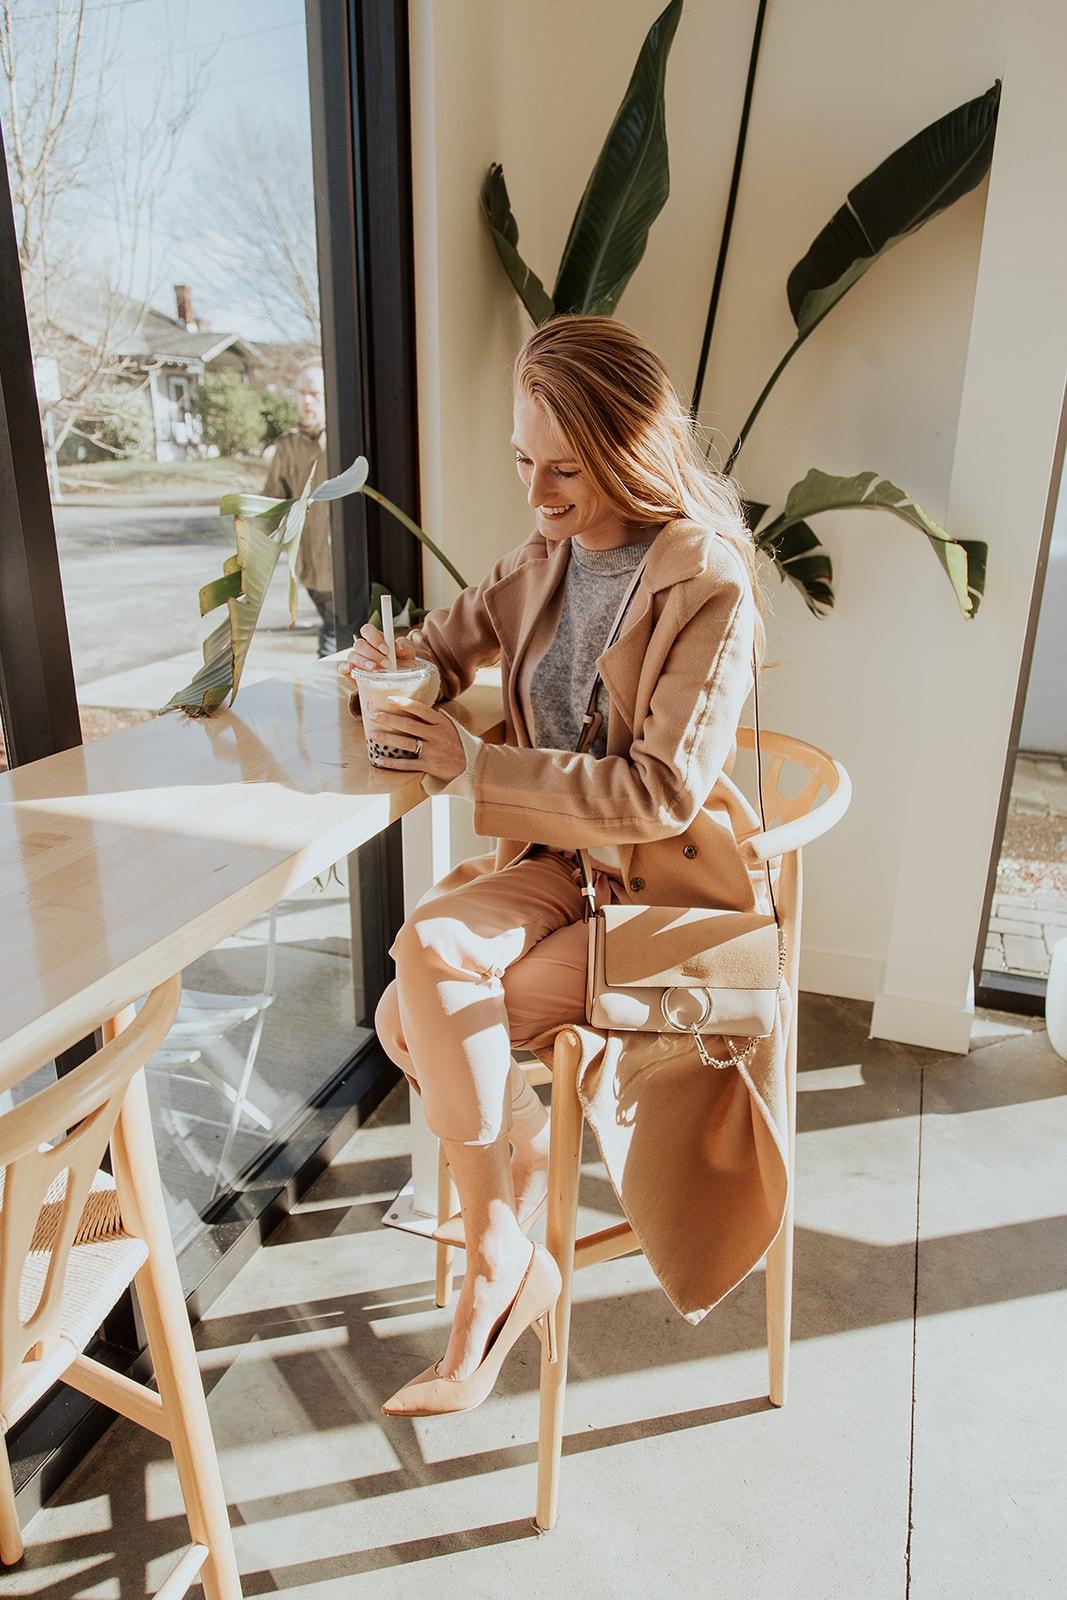 Off-duty: что носят модные блогеры в обычной жизни этой весной